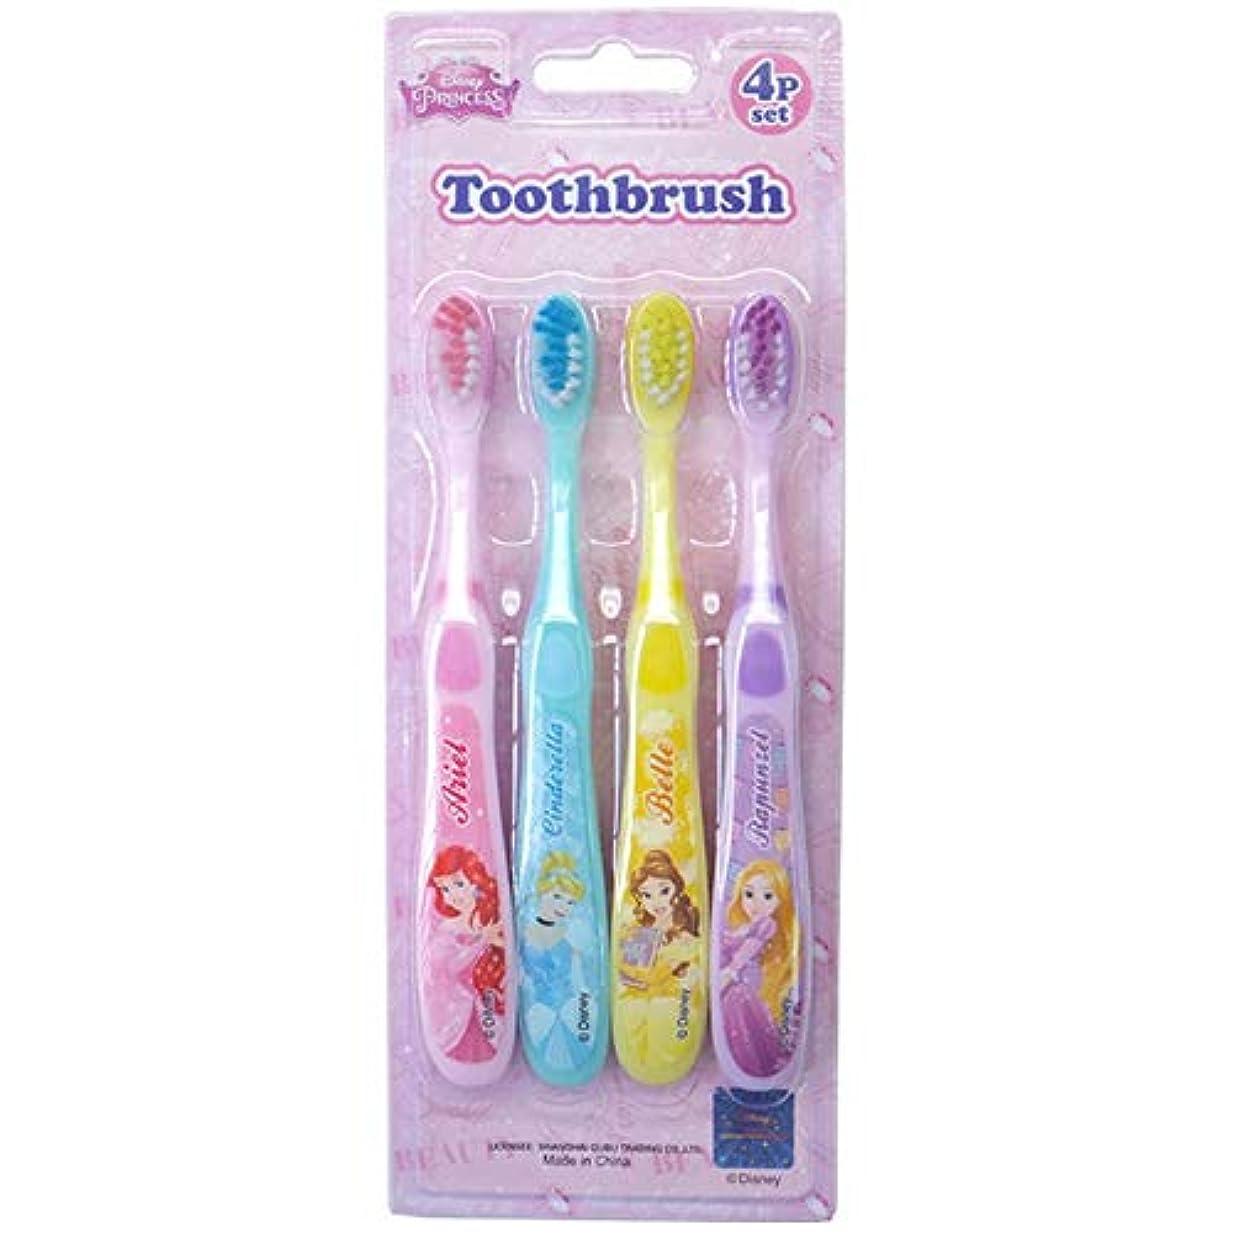 サスペンション繰り返した革新歯ブラシ4Pセット 26911-12(11/プリンセス) キャラクター Disney ディズニー オーラルケア 歯磨き 洗面所 子供 キッズ